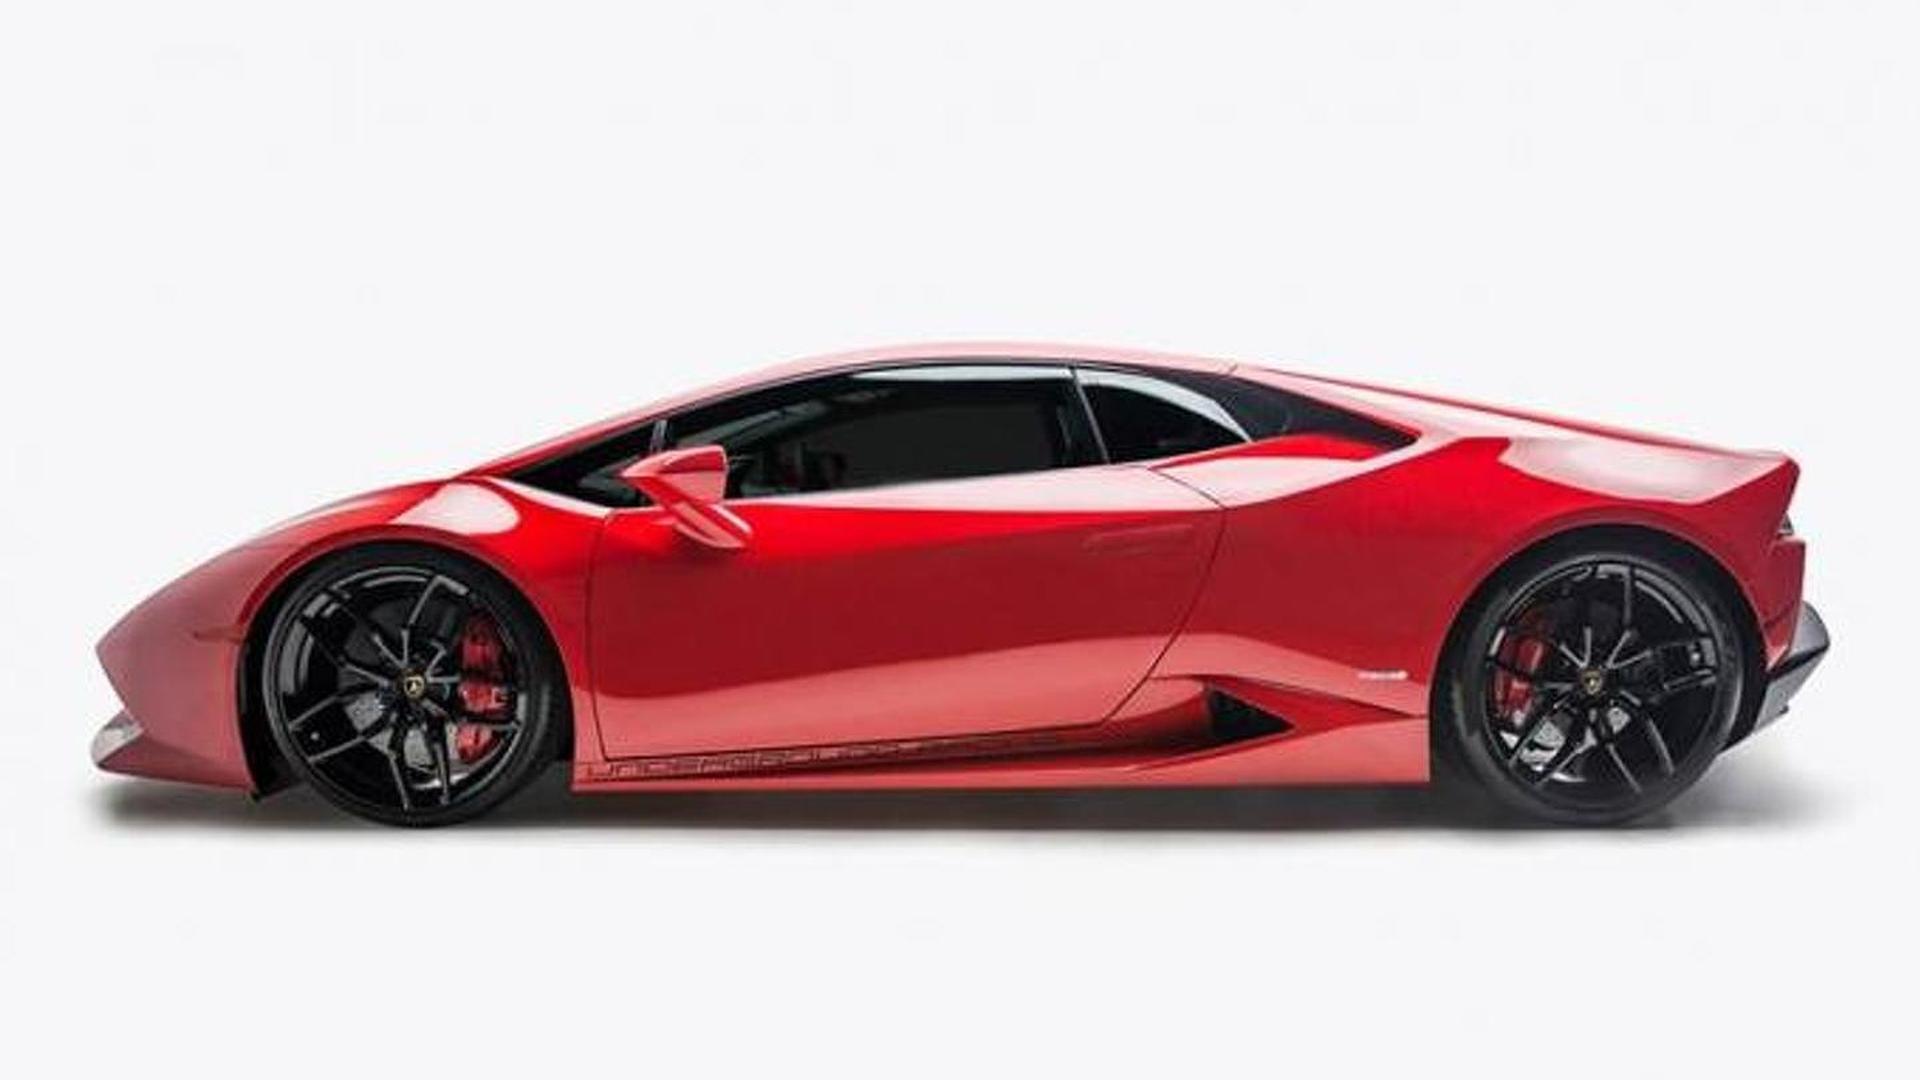 Тюнинг Lamborghini Huracan Biturbo от Underground Racing